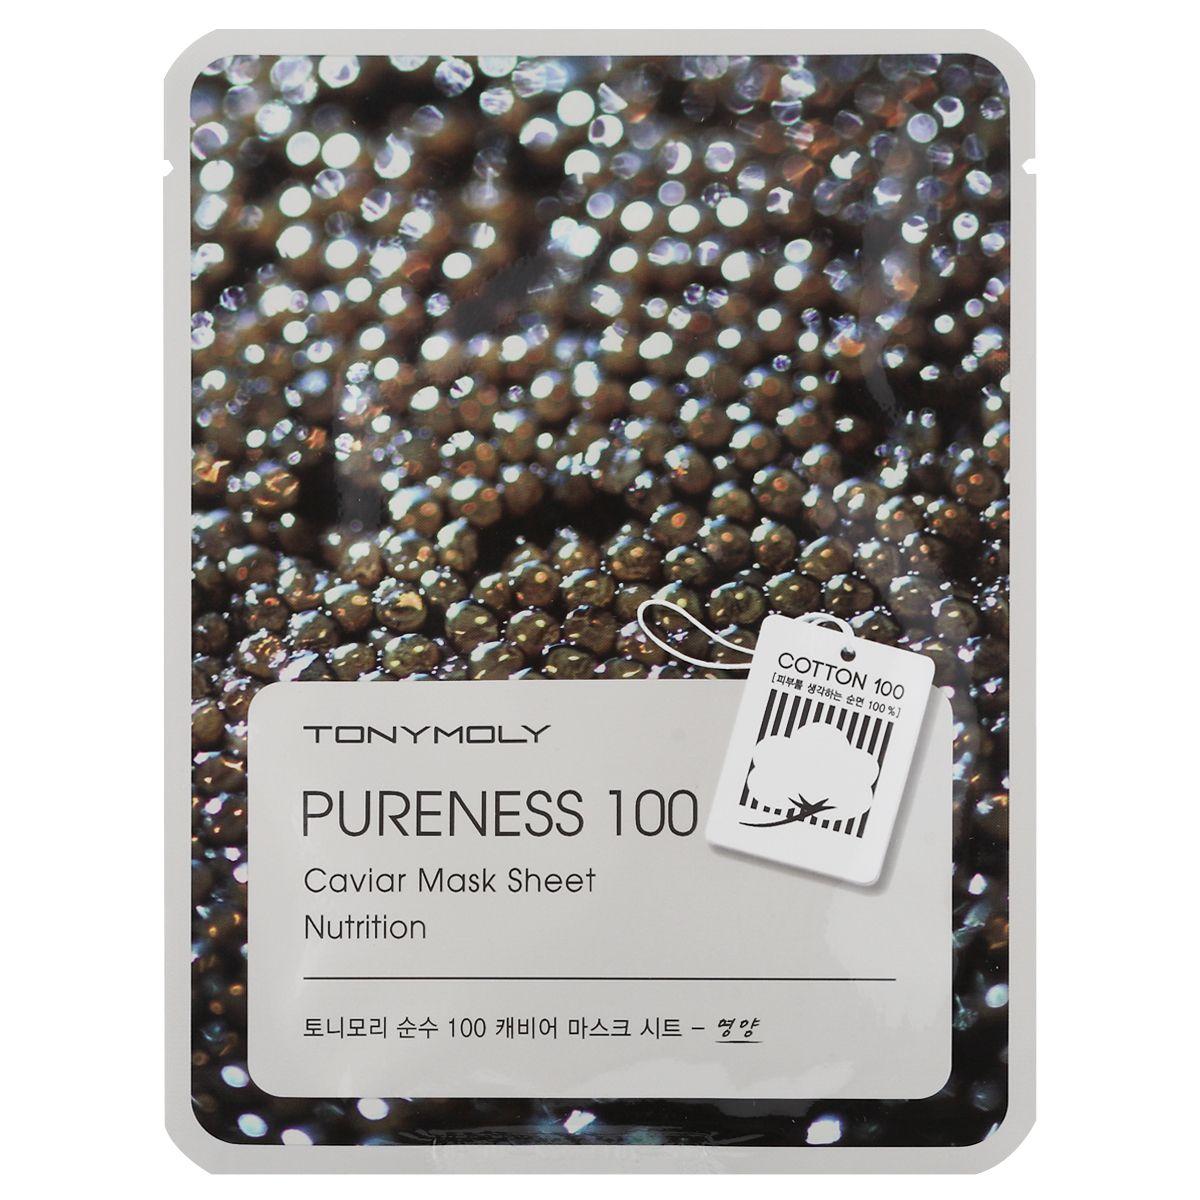 TonyMoly Тканевая маска с экстрактом черной икры Pureness 100 Caviar Mask Sheet-Nutrition, 21 млFS-00897Черная икра содержит огромное количество витаминов, минералов и микроэлементов, которые питают и укрепляют кожу. Экстракт черной икры оказывает лифтинговое действие на проблемные места и заметно подтягивает кожу. Маска улучшает кровообращение клеток кожи, повышает упругость, эластичность и способствует выработке собственного коллагена и эластина, которые улучшают состояние кожи и продлевают ее молодость. Марка Tony Moly чаще всего размещает на упаковке (внизу или наверху на спайке двух сторон упаковки, на дне банки, на тубе сбоку) дату изготовления в формате: год/месяц/дата.